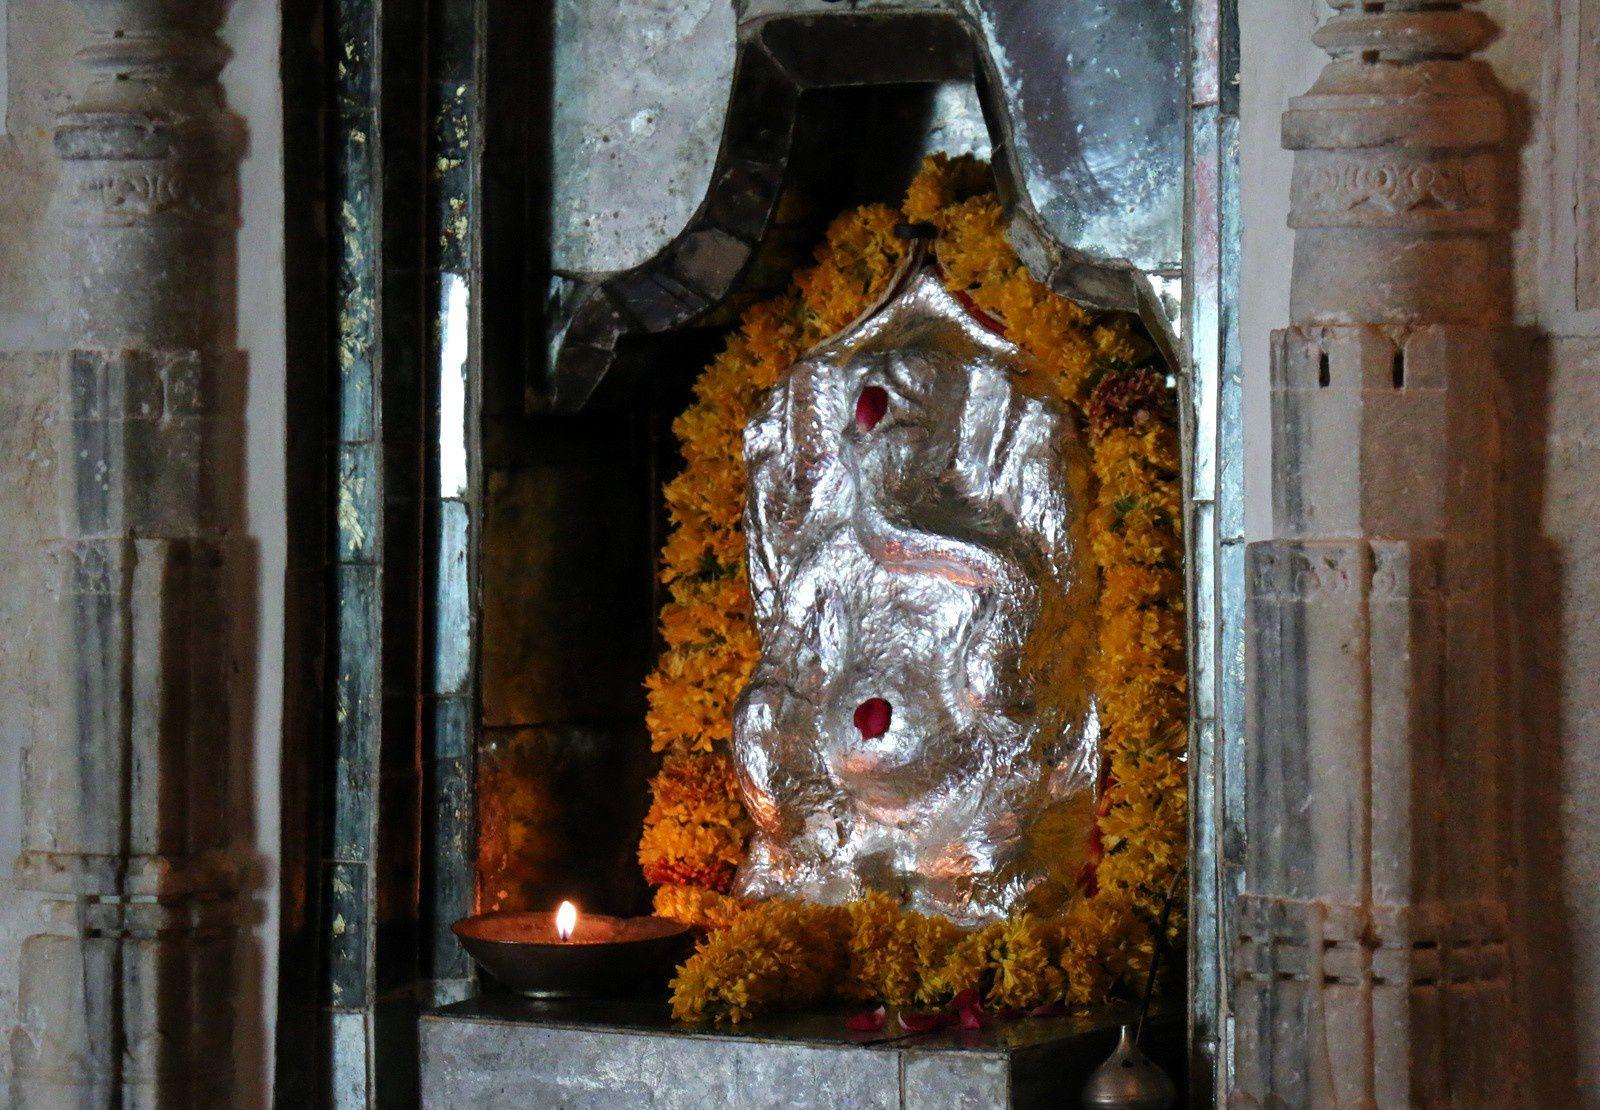 Mandap et Hookah, City Palace Museum (Udaipur)